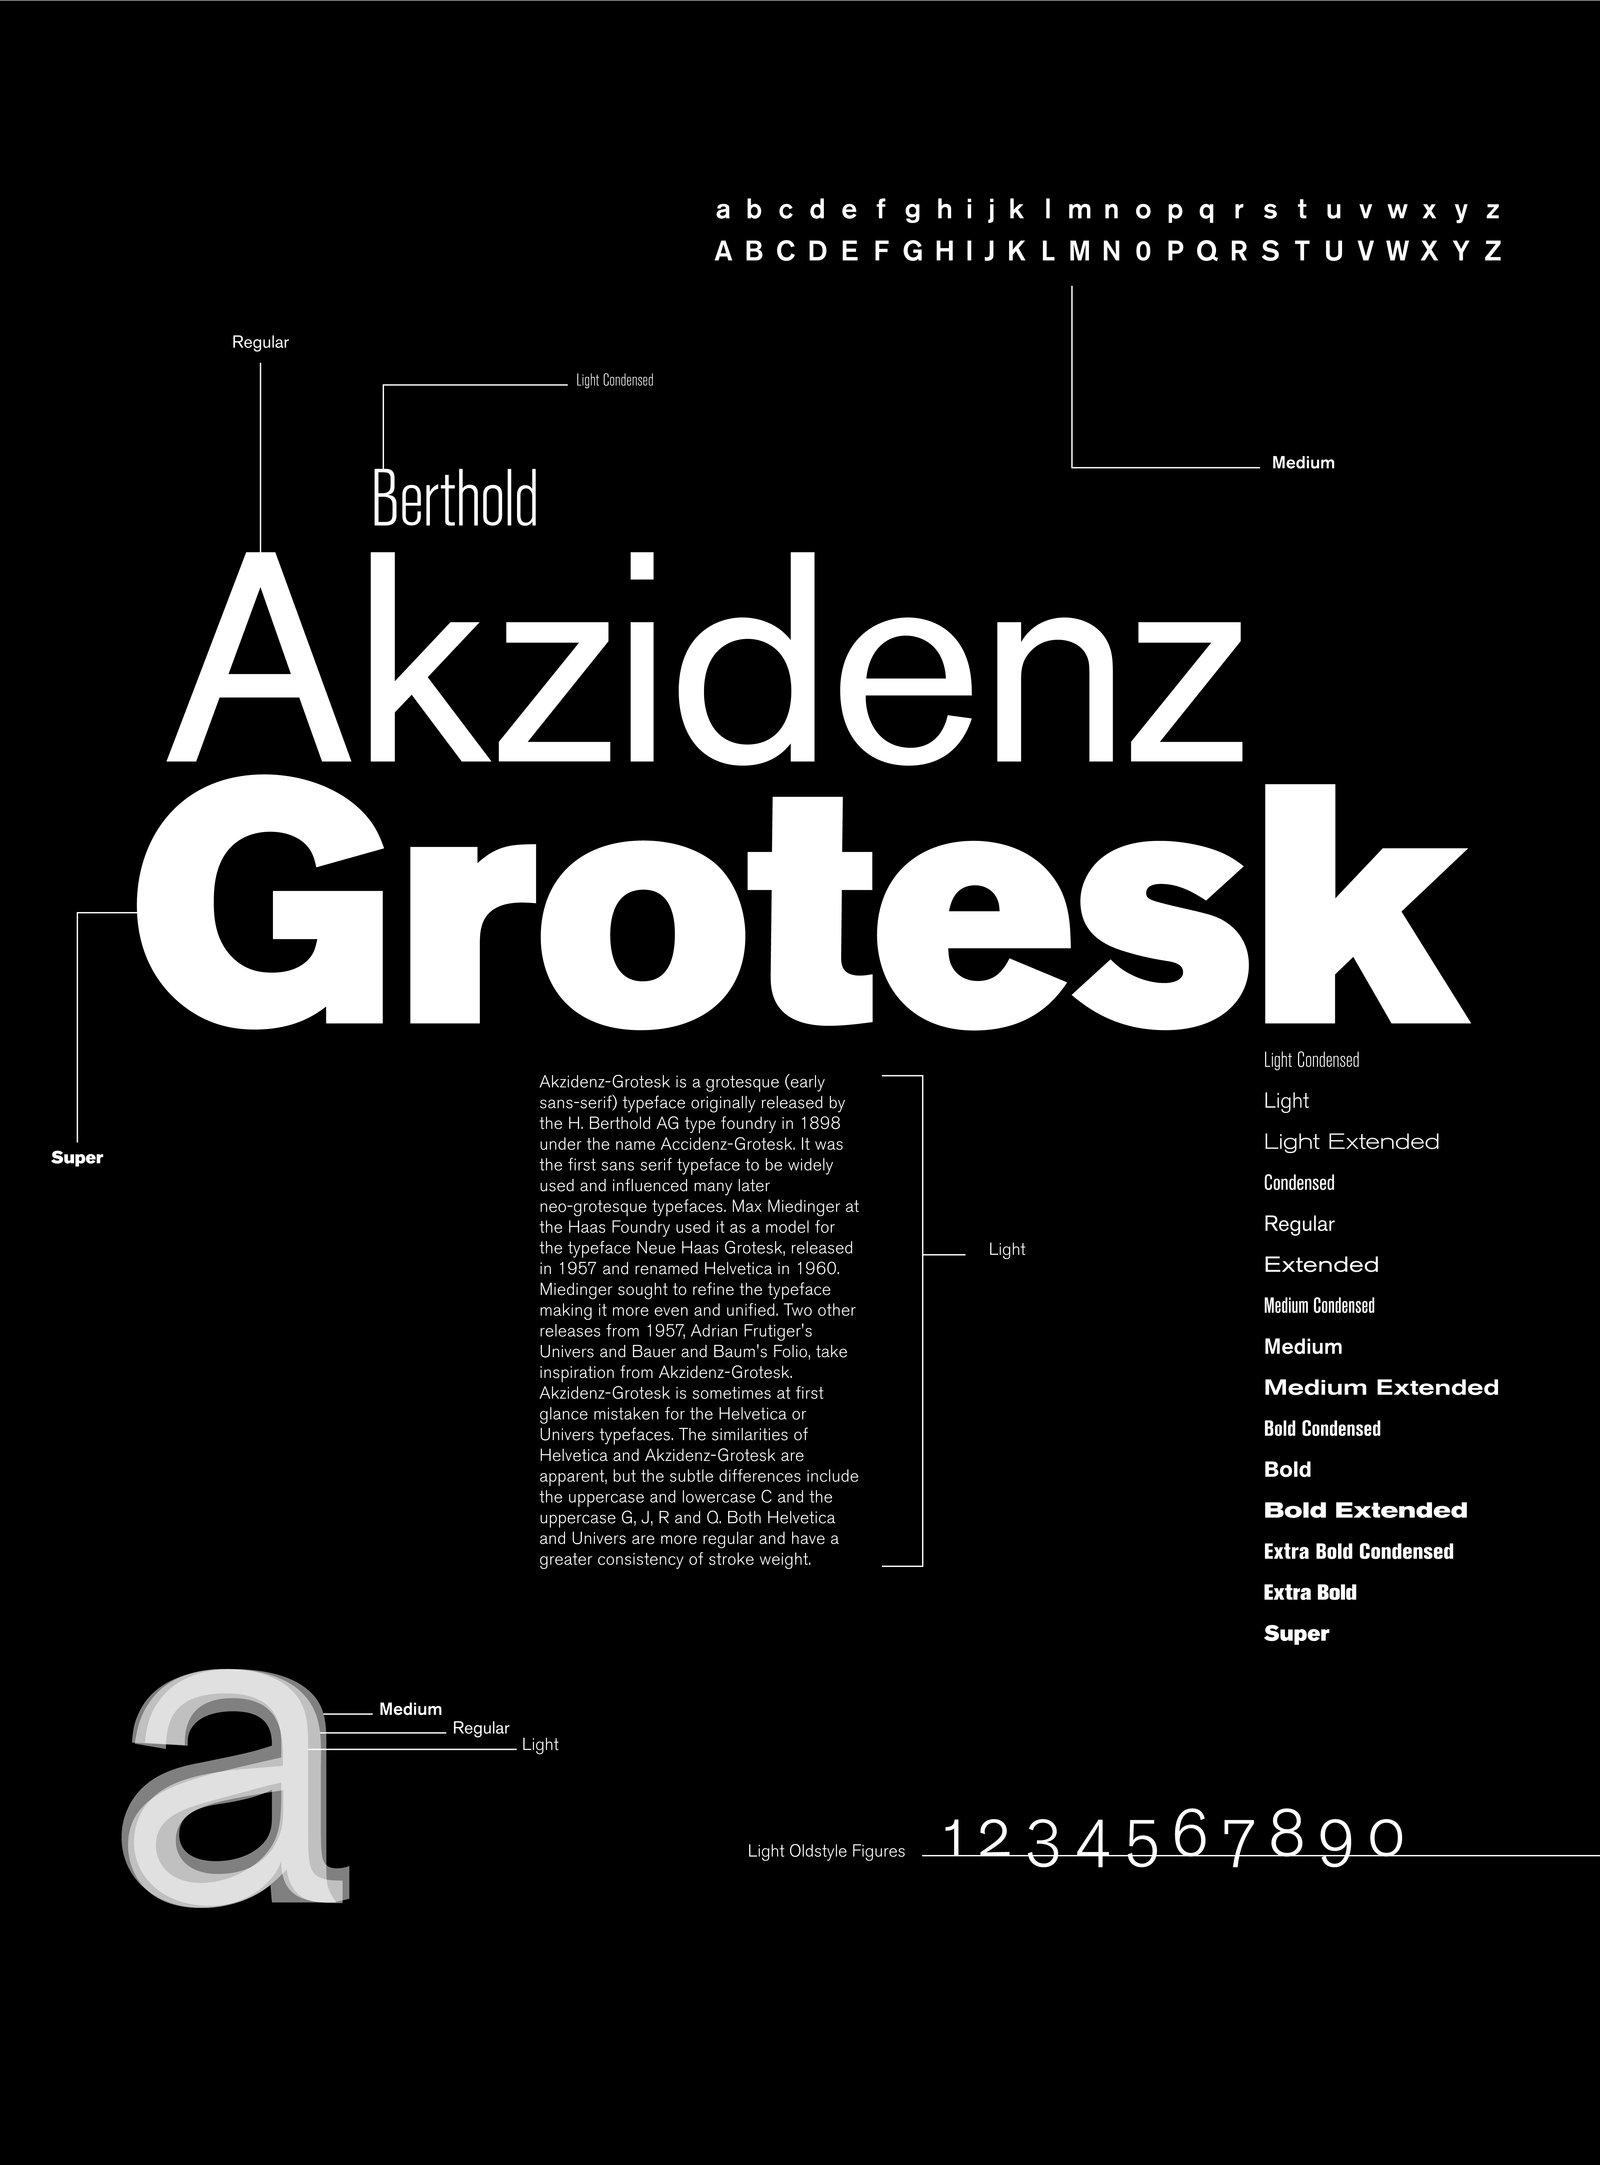 El estilo de la Akzidenz-Grotesk ha influido en la creación de otras tipografías